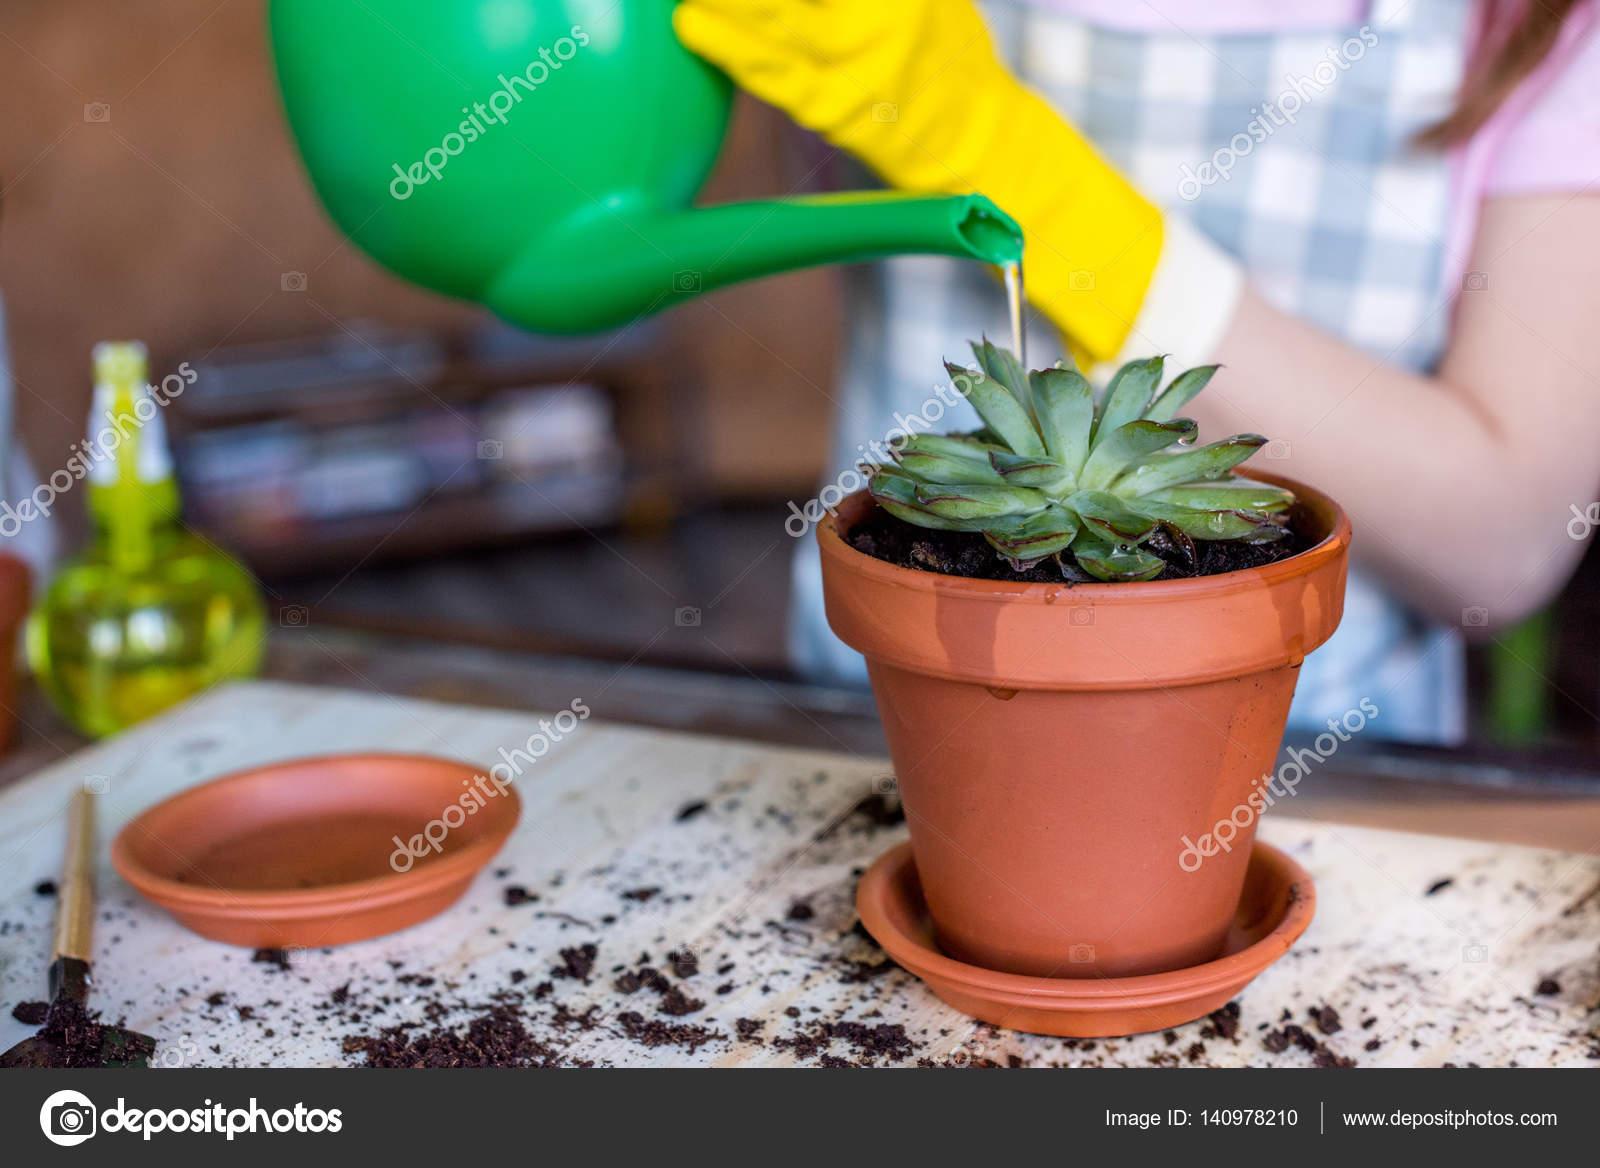 frau bewässerung pflanzen — stockfoto © natashafedorova #140978210